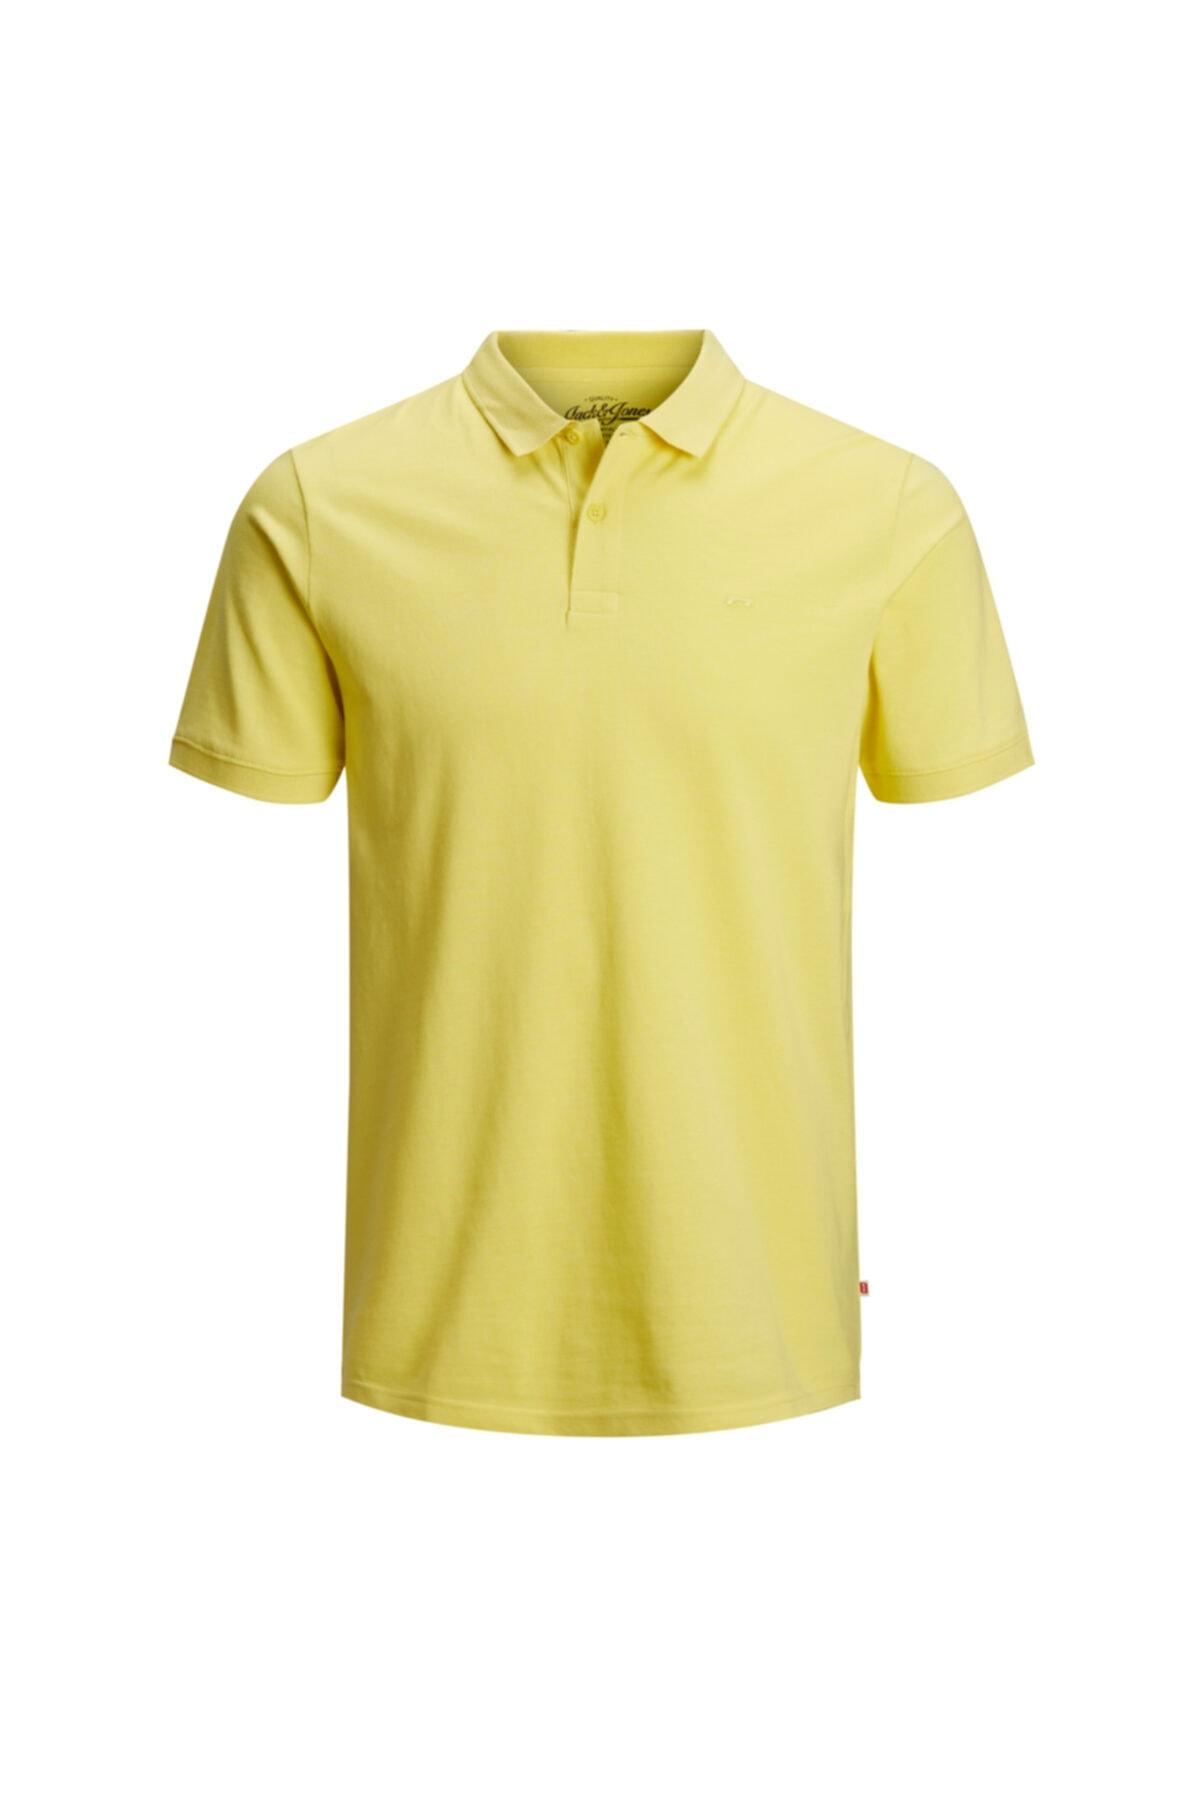 Jack & Jones T-Shirt 12136516 JJEBASIC 1